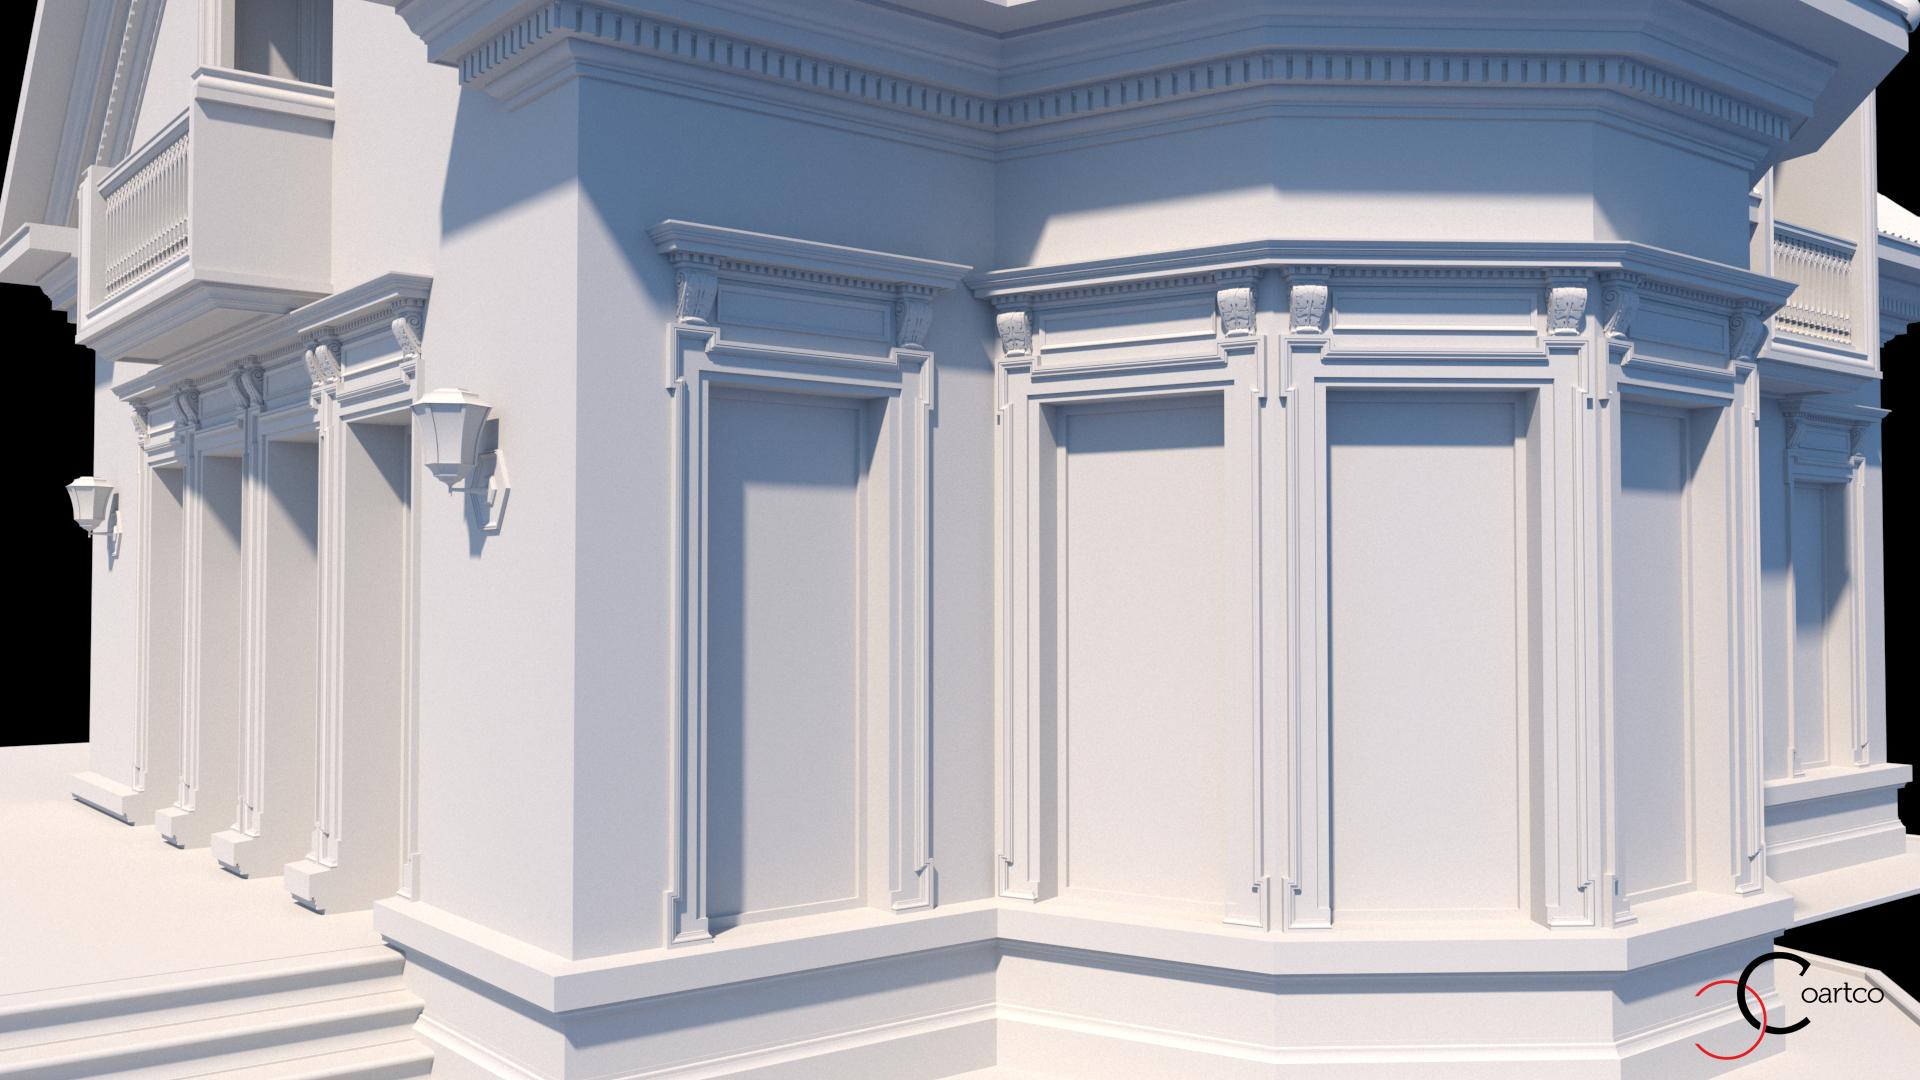 fatada-casa-cu-profile-decorative-coartco